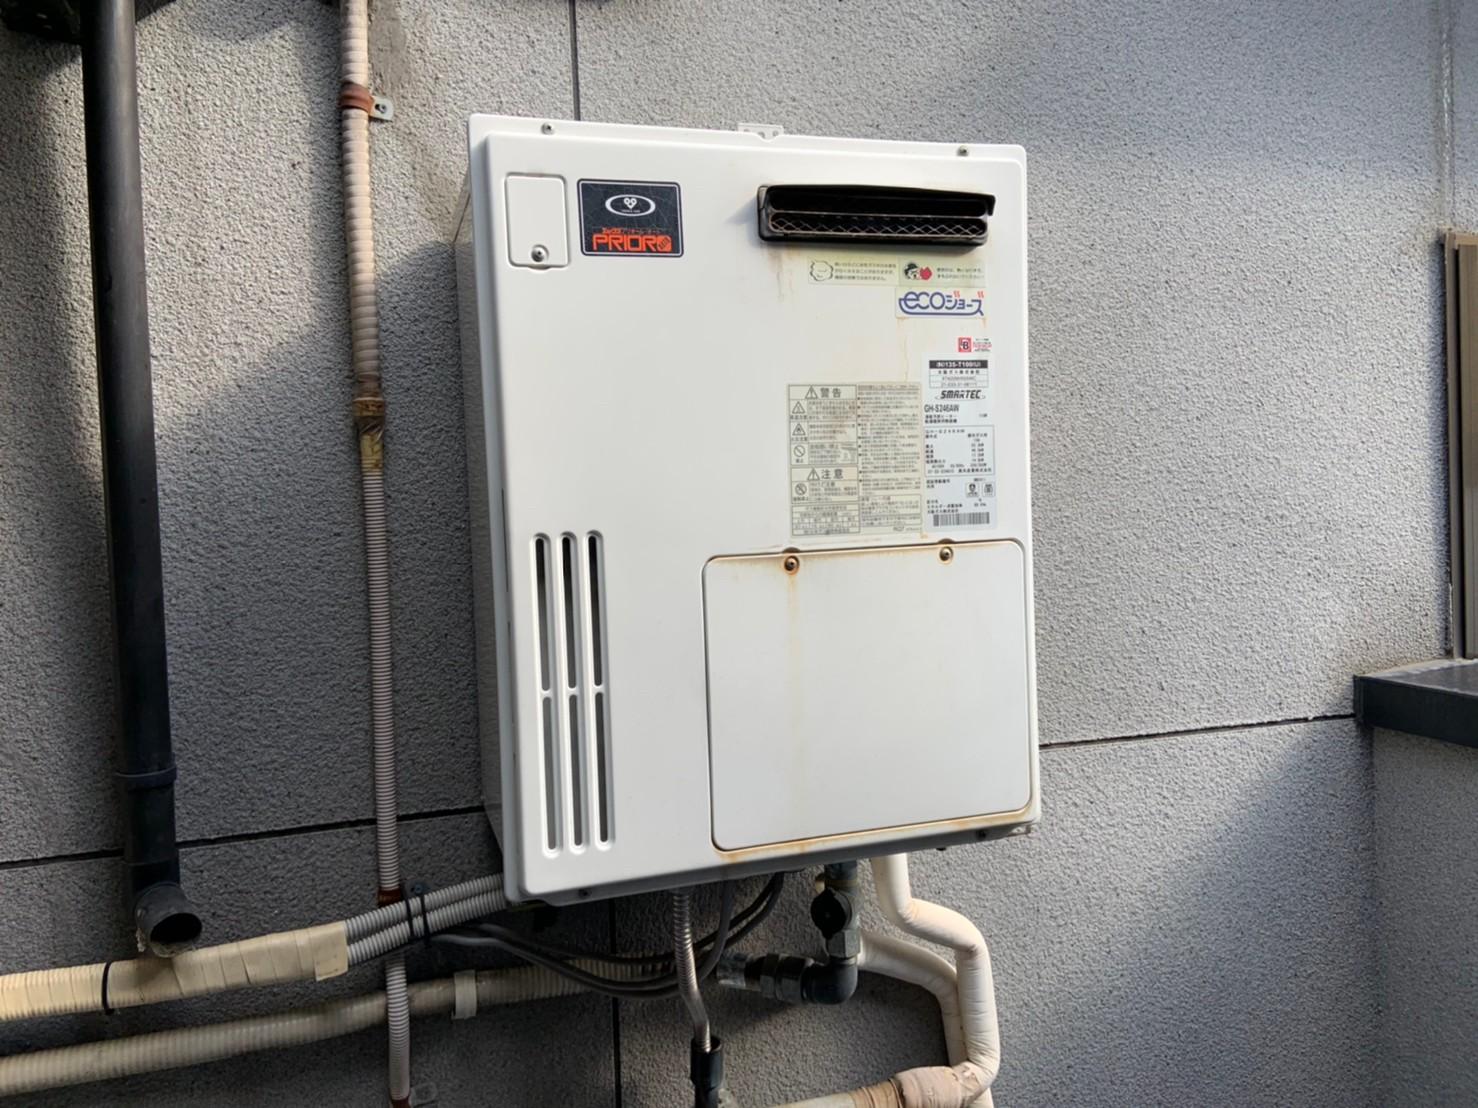 ガス給湯器の交換工事|リンナイ エコジョーズ RUF-E2406SAW|京都市北区